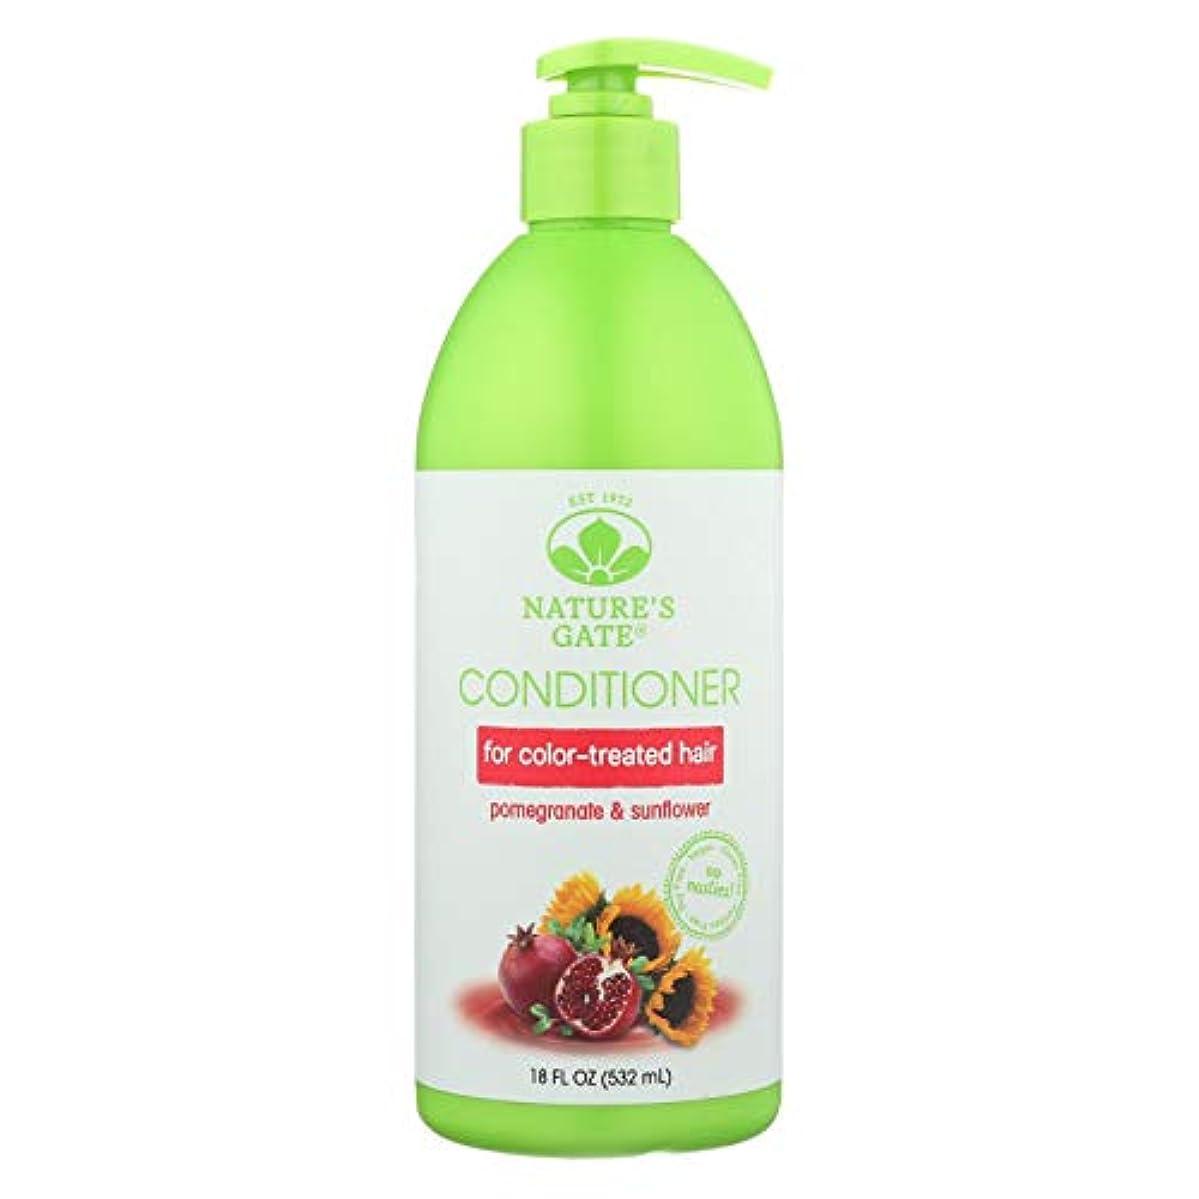 委託アプライアンス発信Nature's Gate, Conditioner, Hair Defense, Pomegranate Sunflower, 18 fl oz (532 ml)